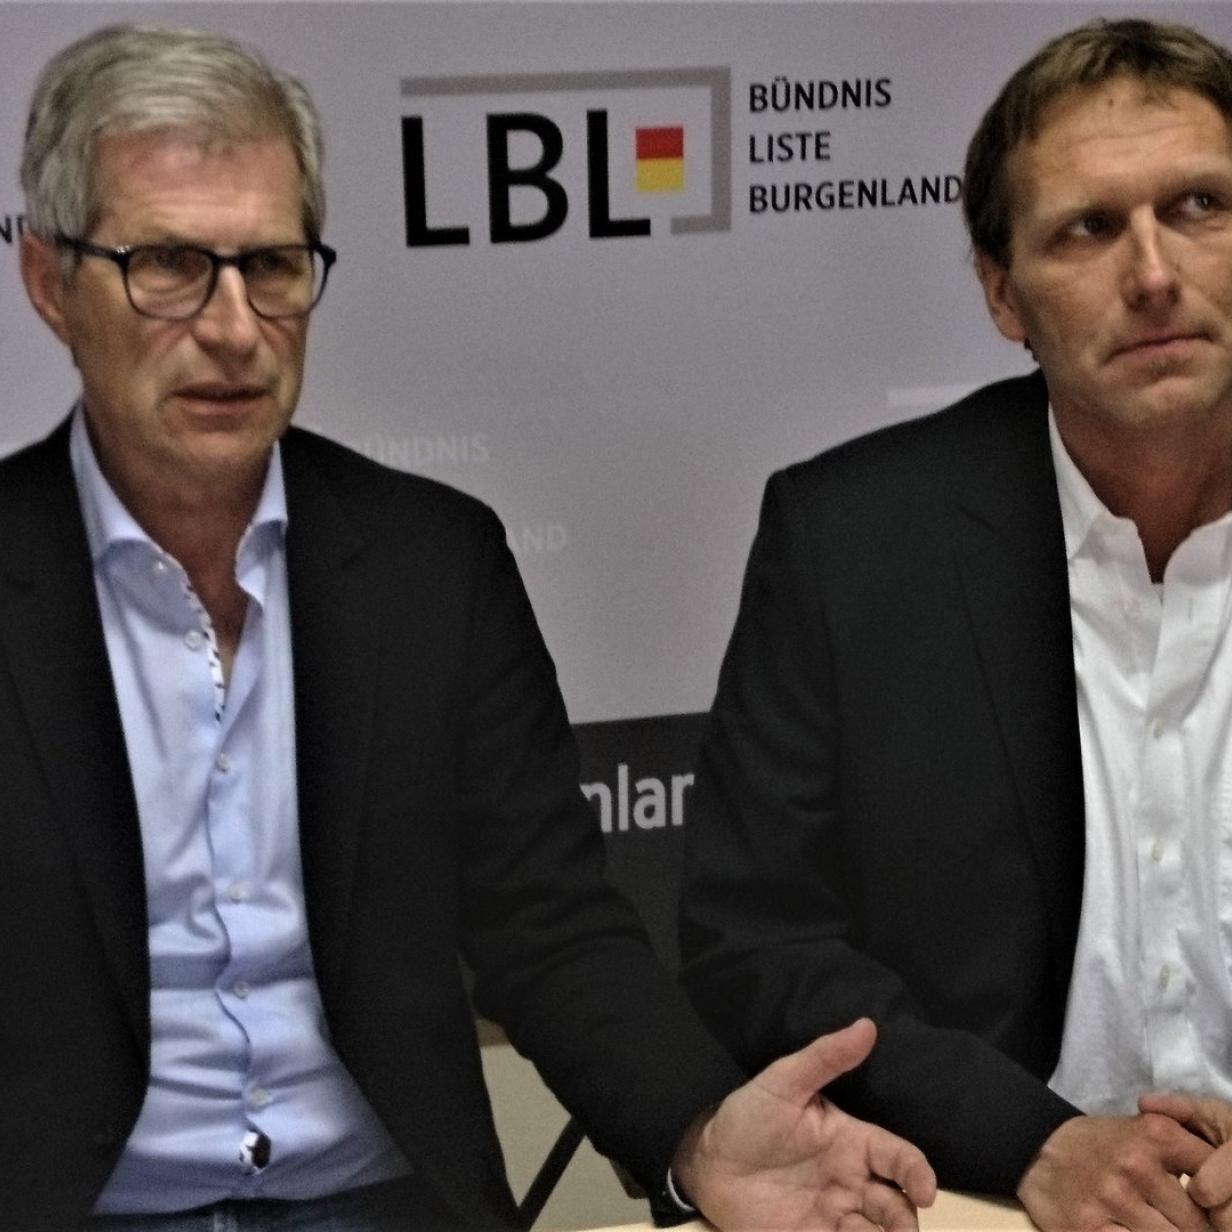 Burgenland: Ex-Blaue wollen blauen Klubchef Geza Molnár klagen